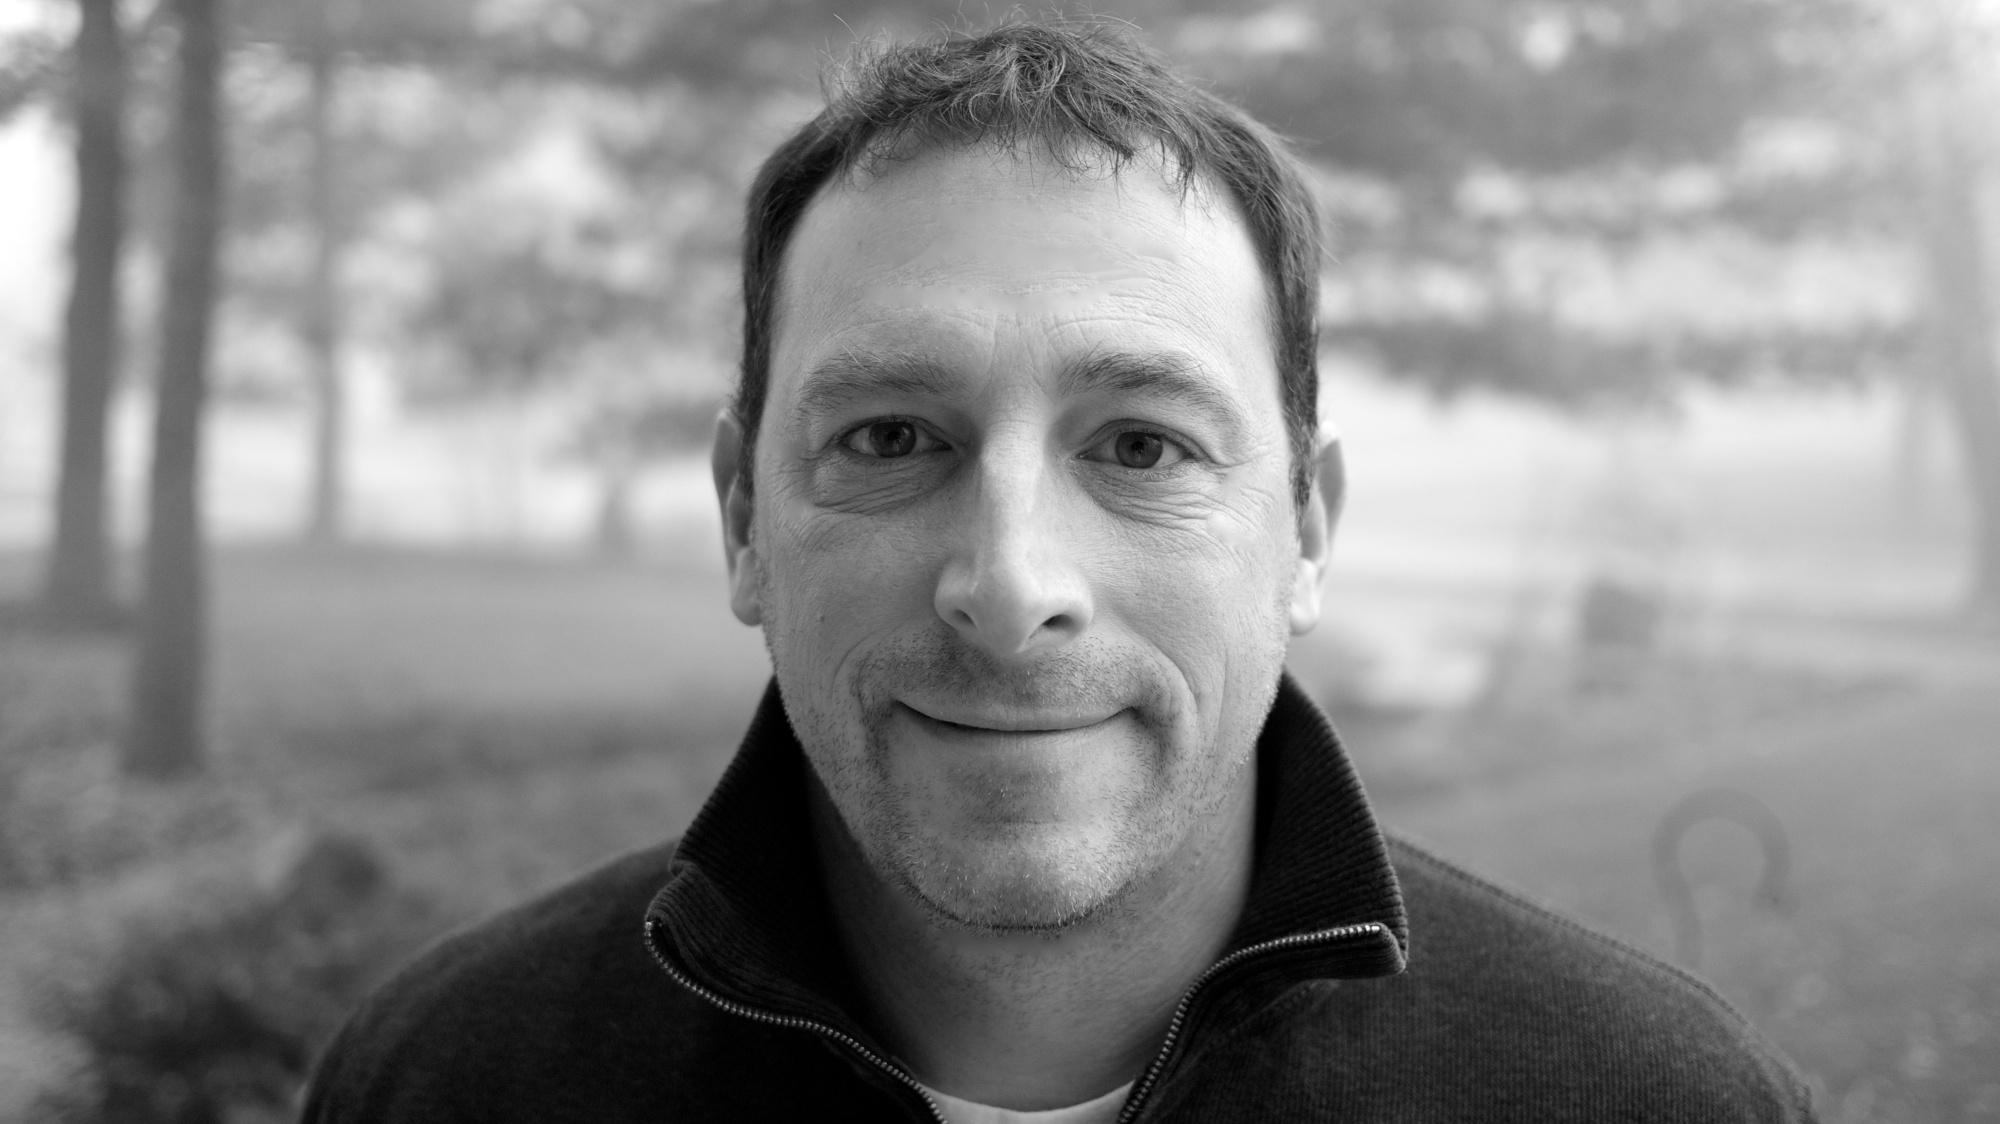 Blinkfire founder Steve Olechowski